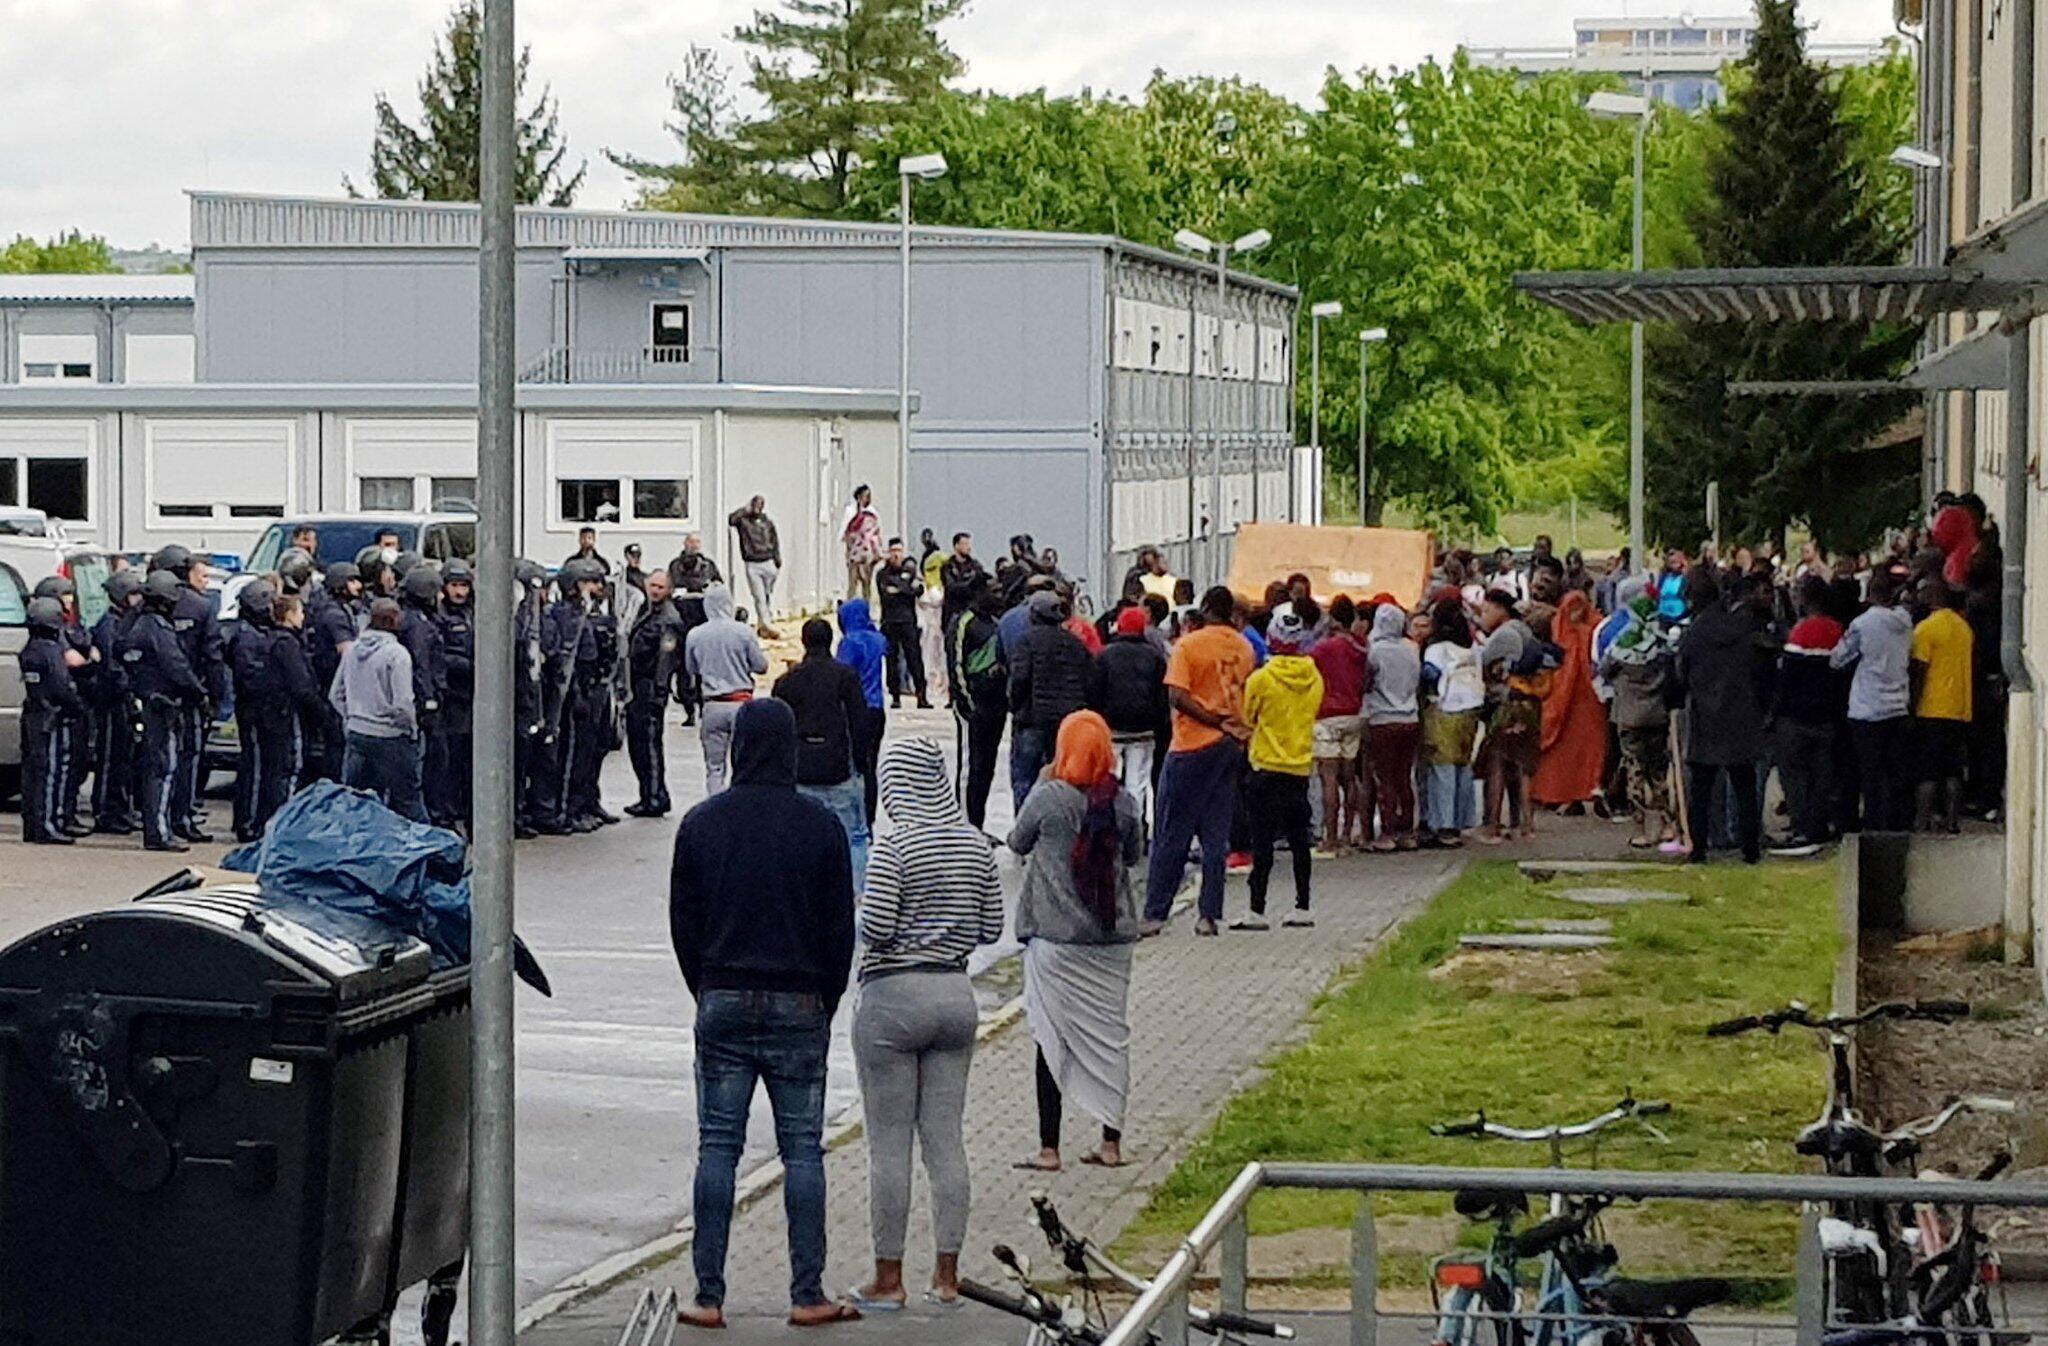 Bild zu Grosseinsatz der Polizei in Asylbewerberheim